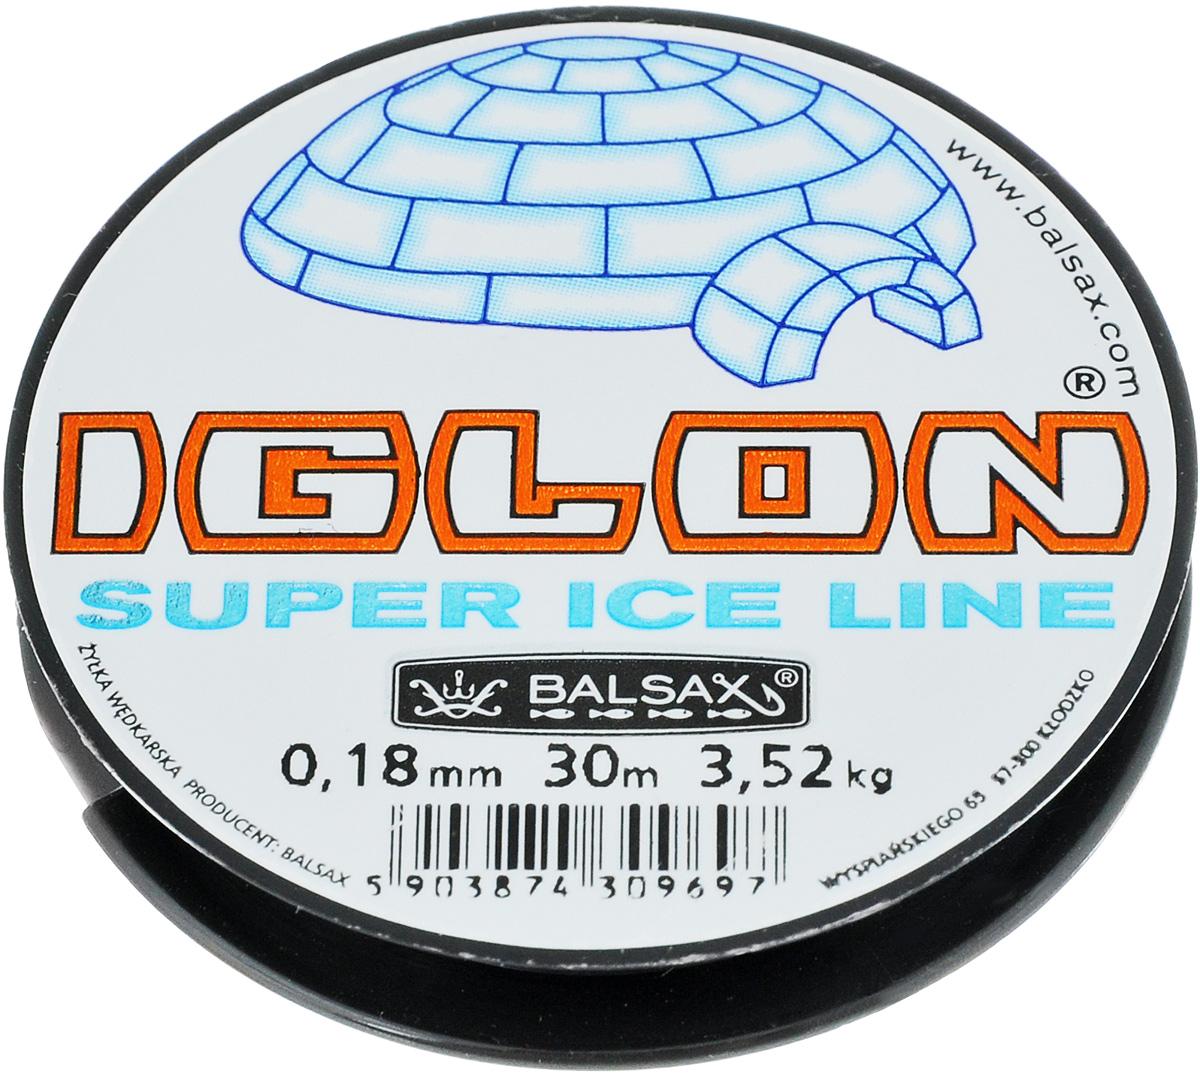 Леска зимняя Balsax Iglon, 30 м, 0,18 мм, 3,52 кг312-06018Леска зимняя Balsax Iglon изготовлена из 100% нейлона и очень хорошо выдерживает низкие температуры. Поверхность лески обработана таким образом, что она не обмерзает и отлично подходит для подледного лова. Прочна в местах вязки узлов даже при минимальном диаметре.